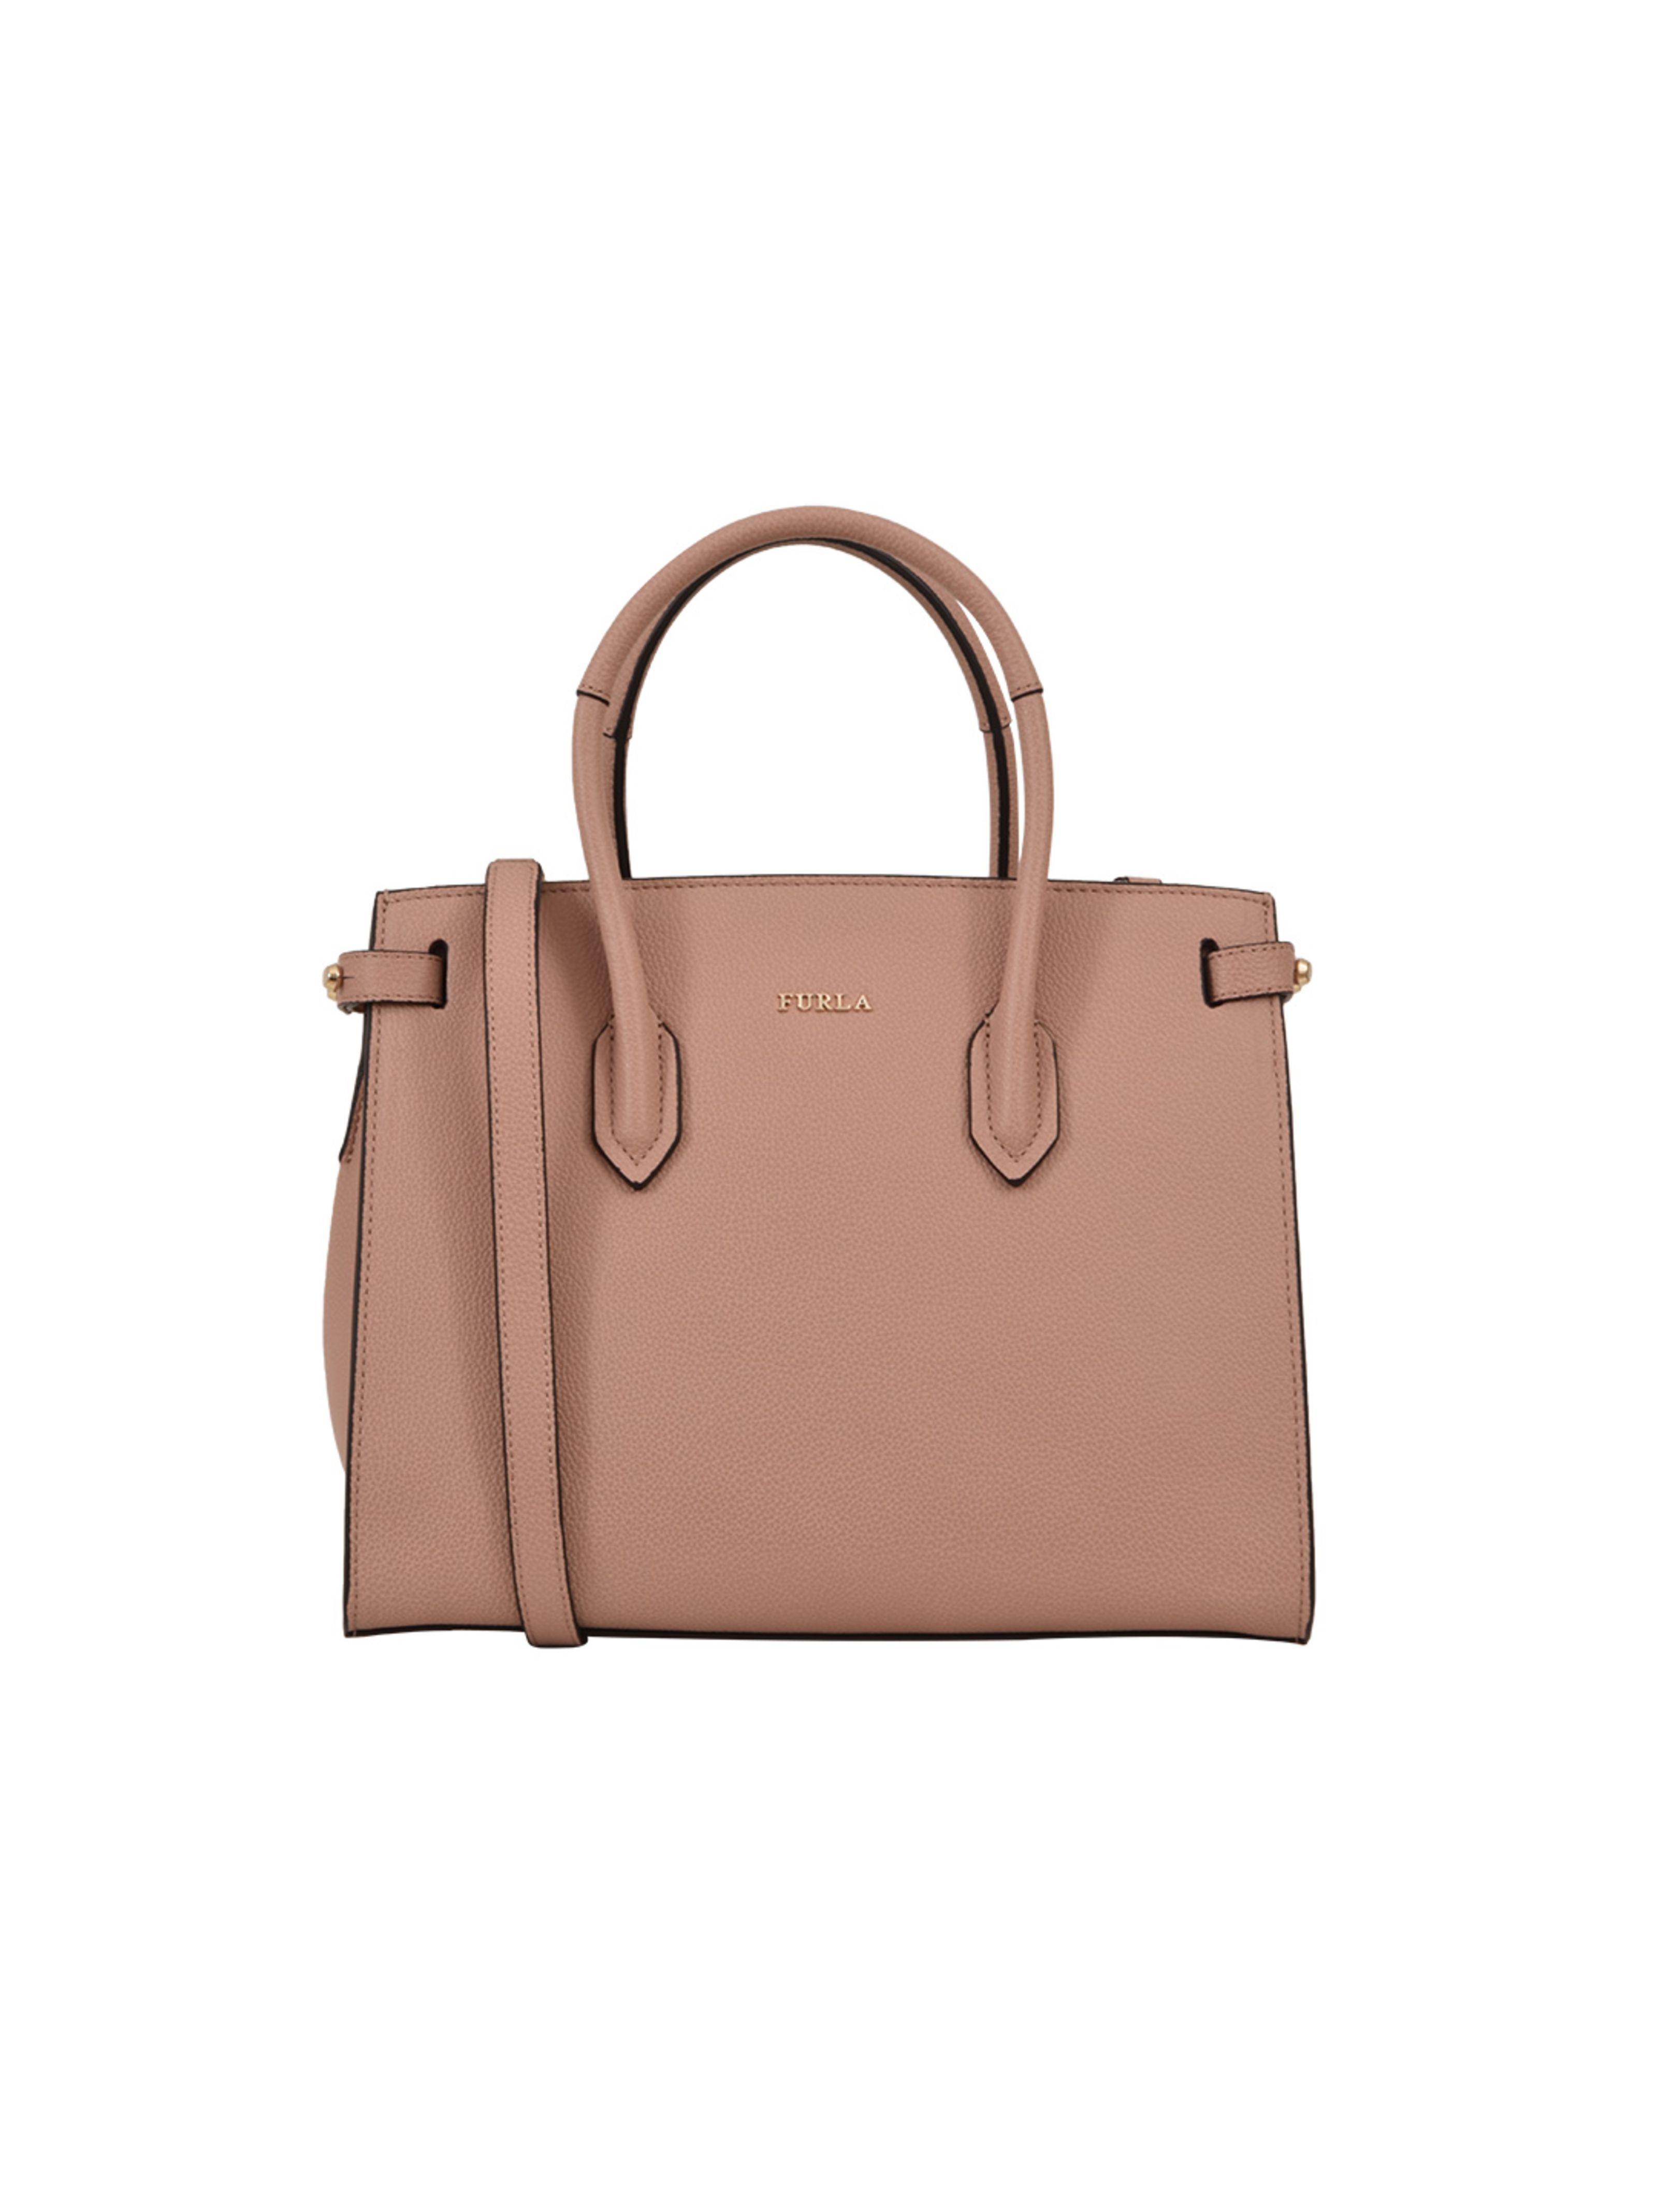 ae77da933c6a FURLA PIN TOTE LIGHT PINK.  furla  bags  shoulder bags  hand bags ...